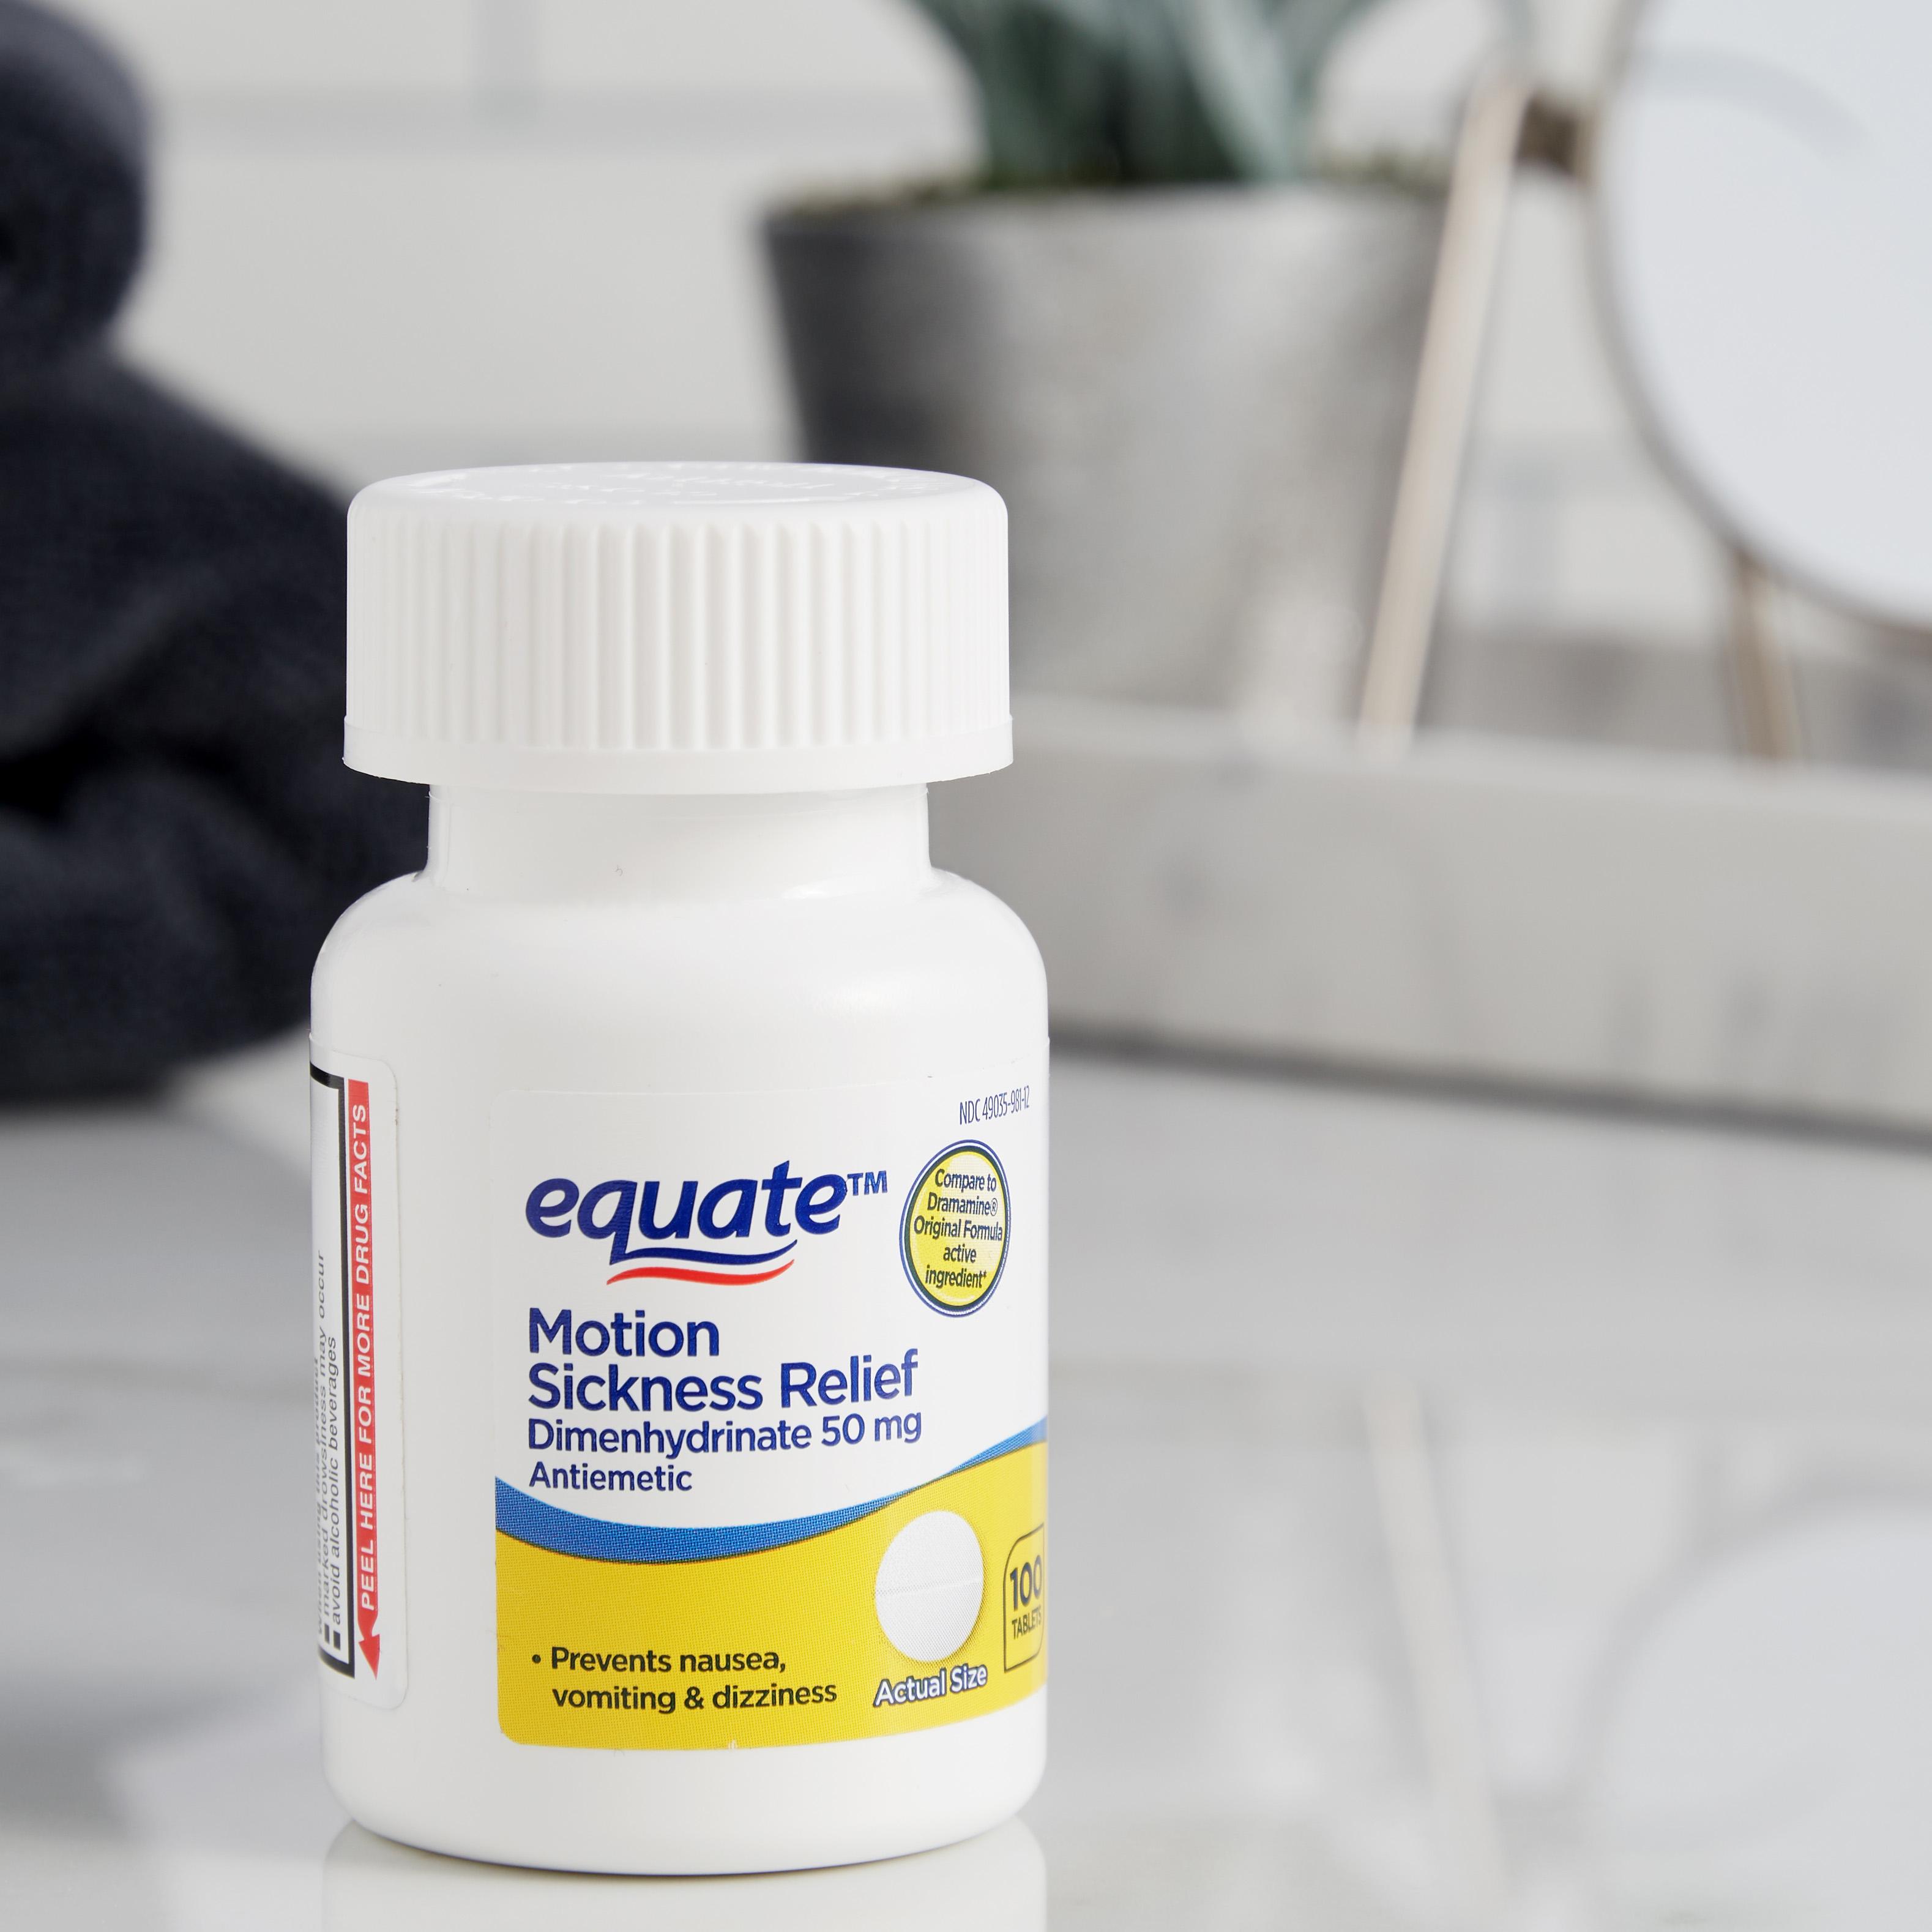 Thuốc say xe Equate 100 viên - Giảm nhanh các triệu chứng say tàu xe